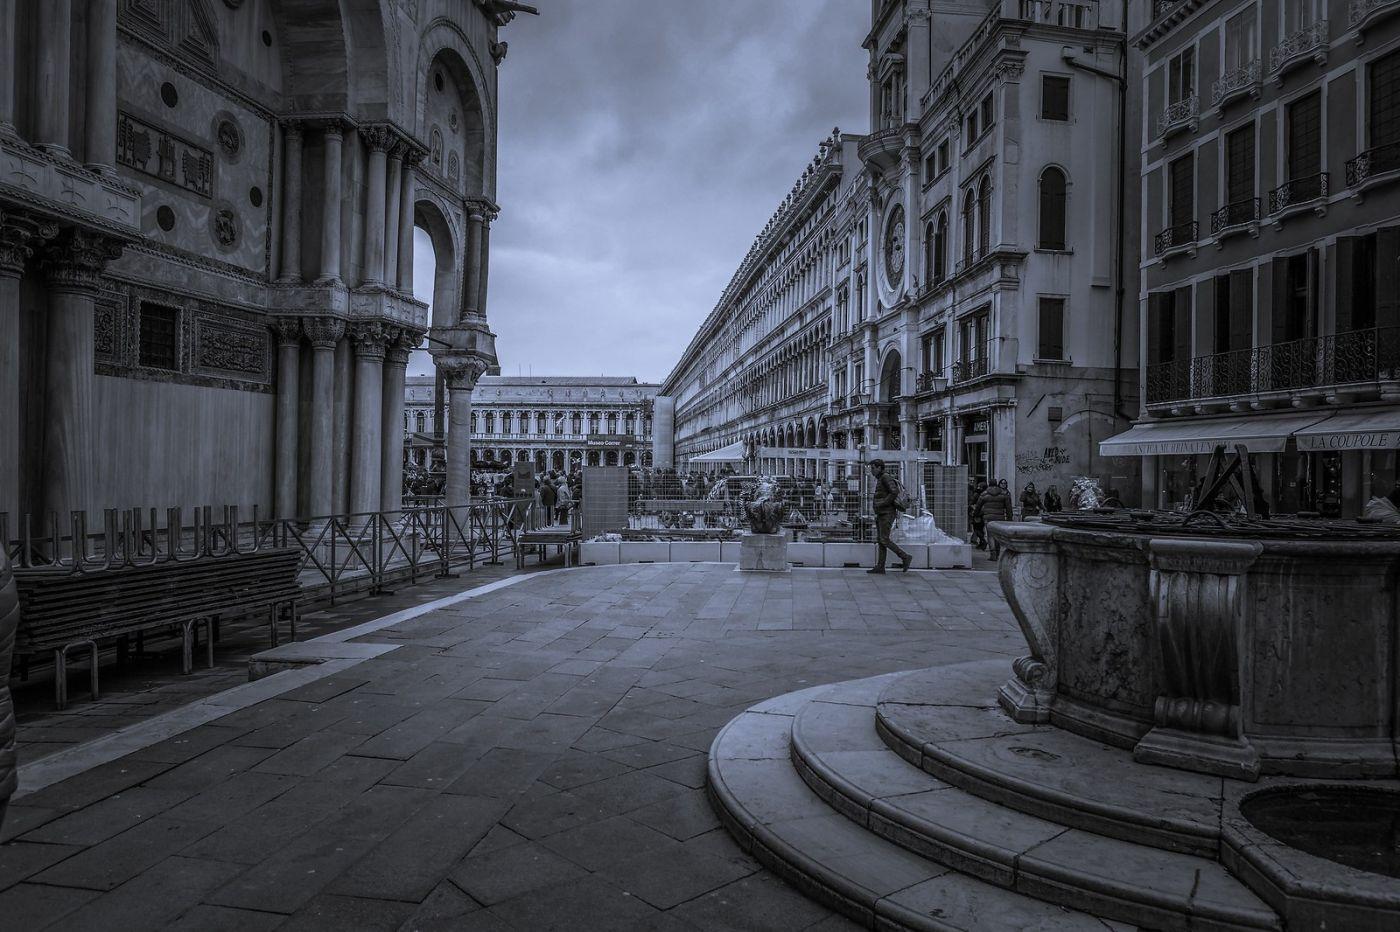 威尼斯圣马可广场(St Mark's Square), 独一无二_图1-17